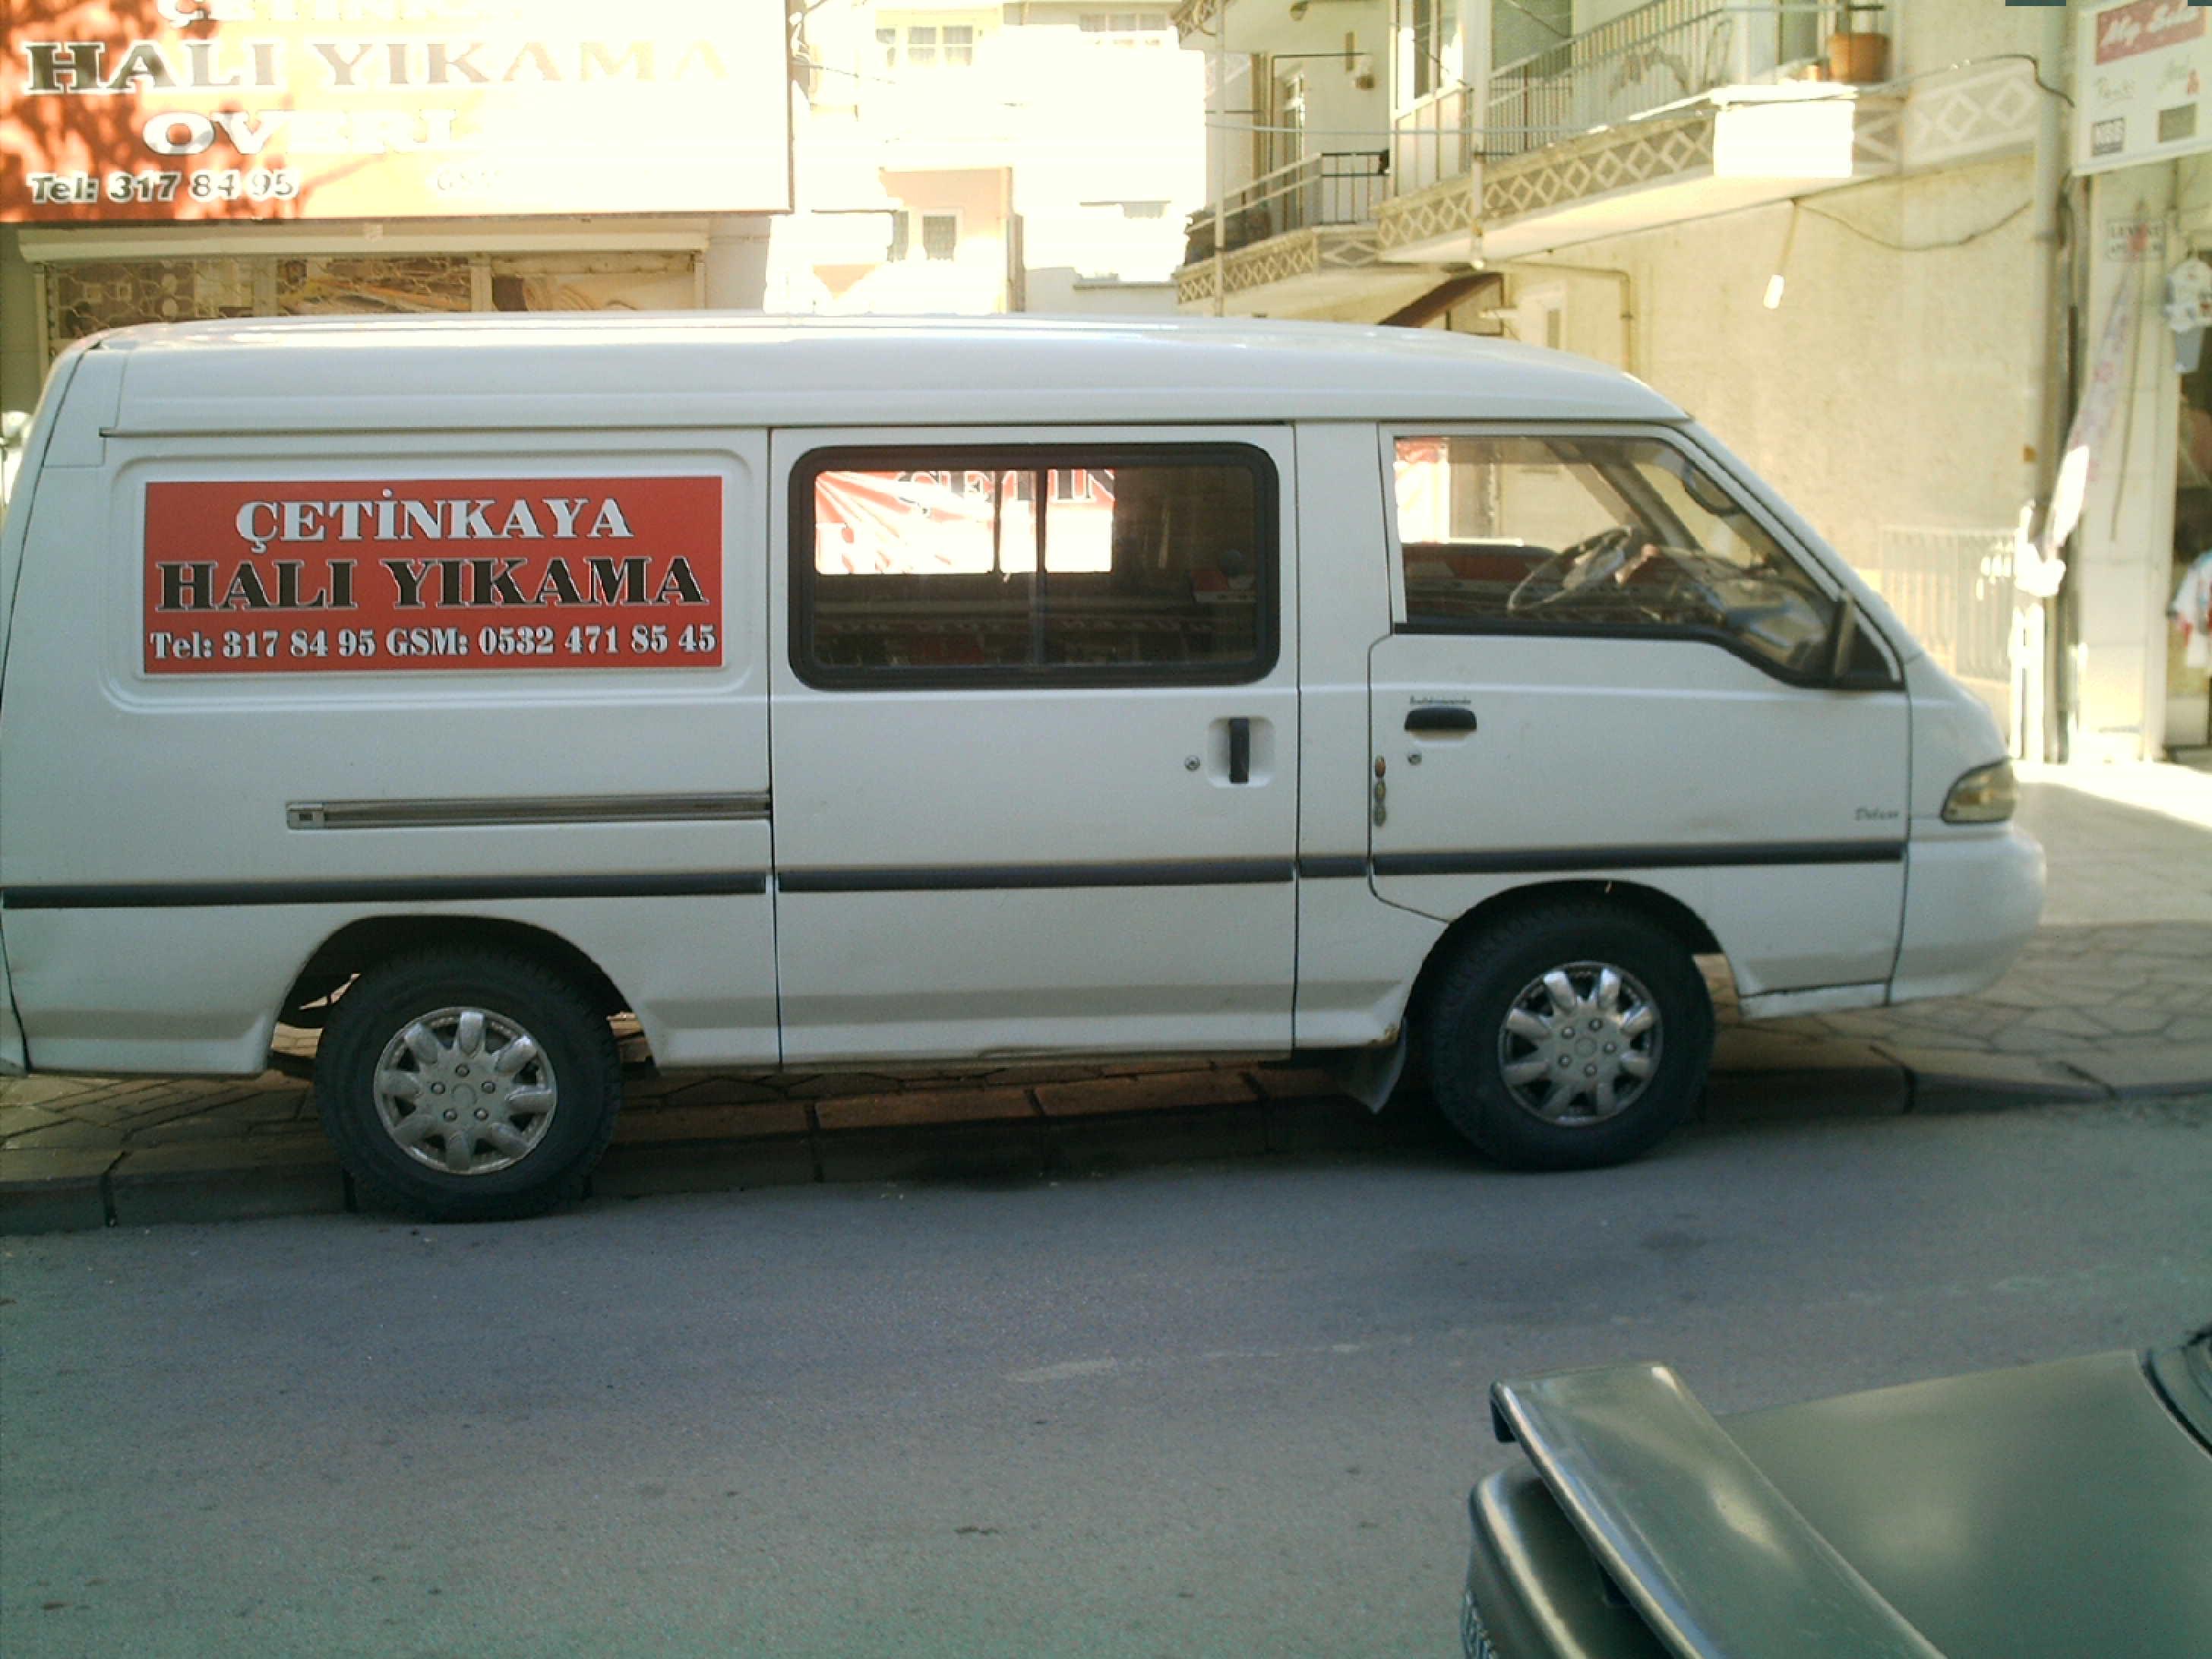 oğuzlar_hali_yikama_servis_araci